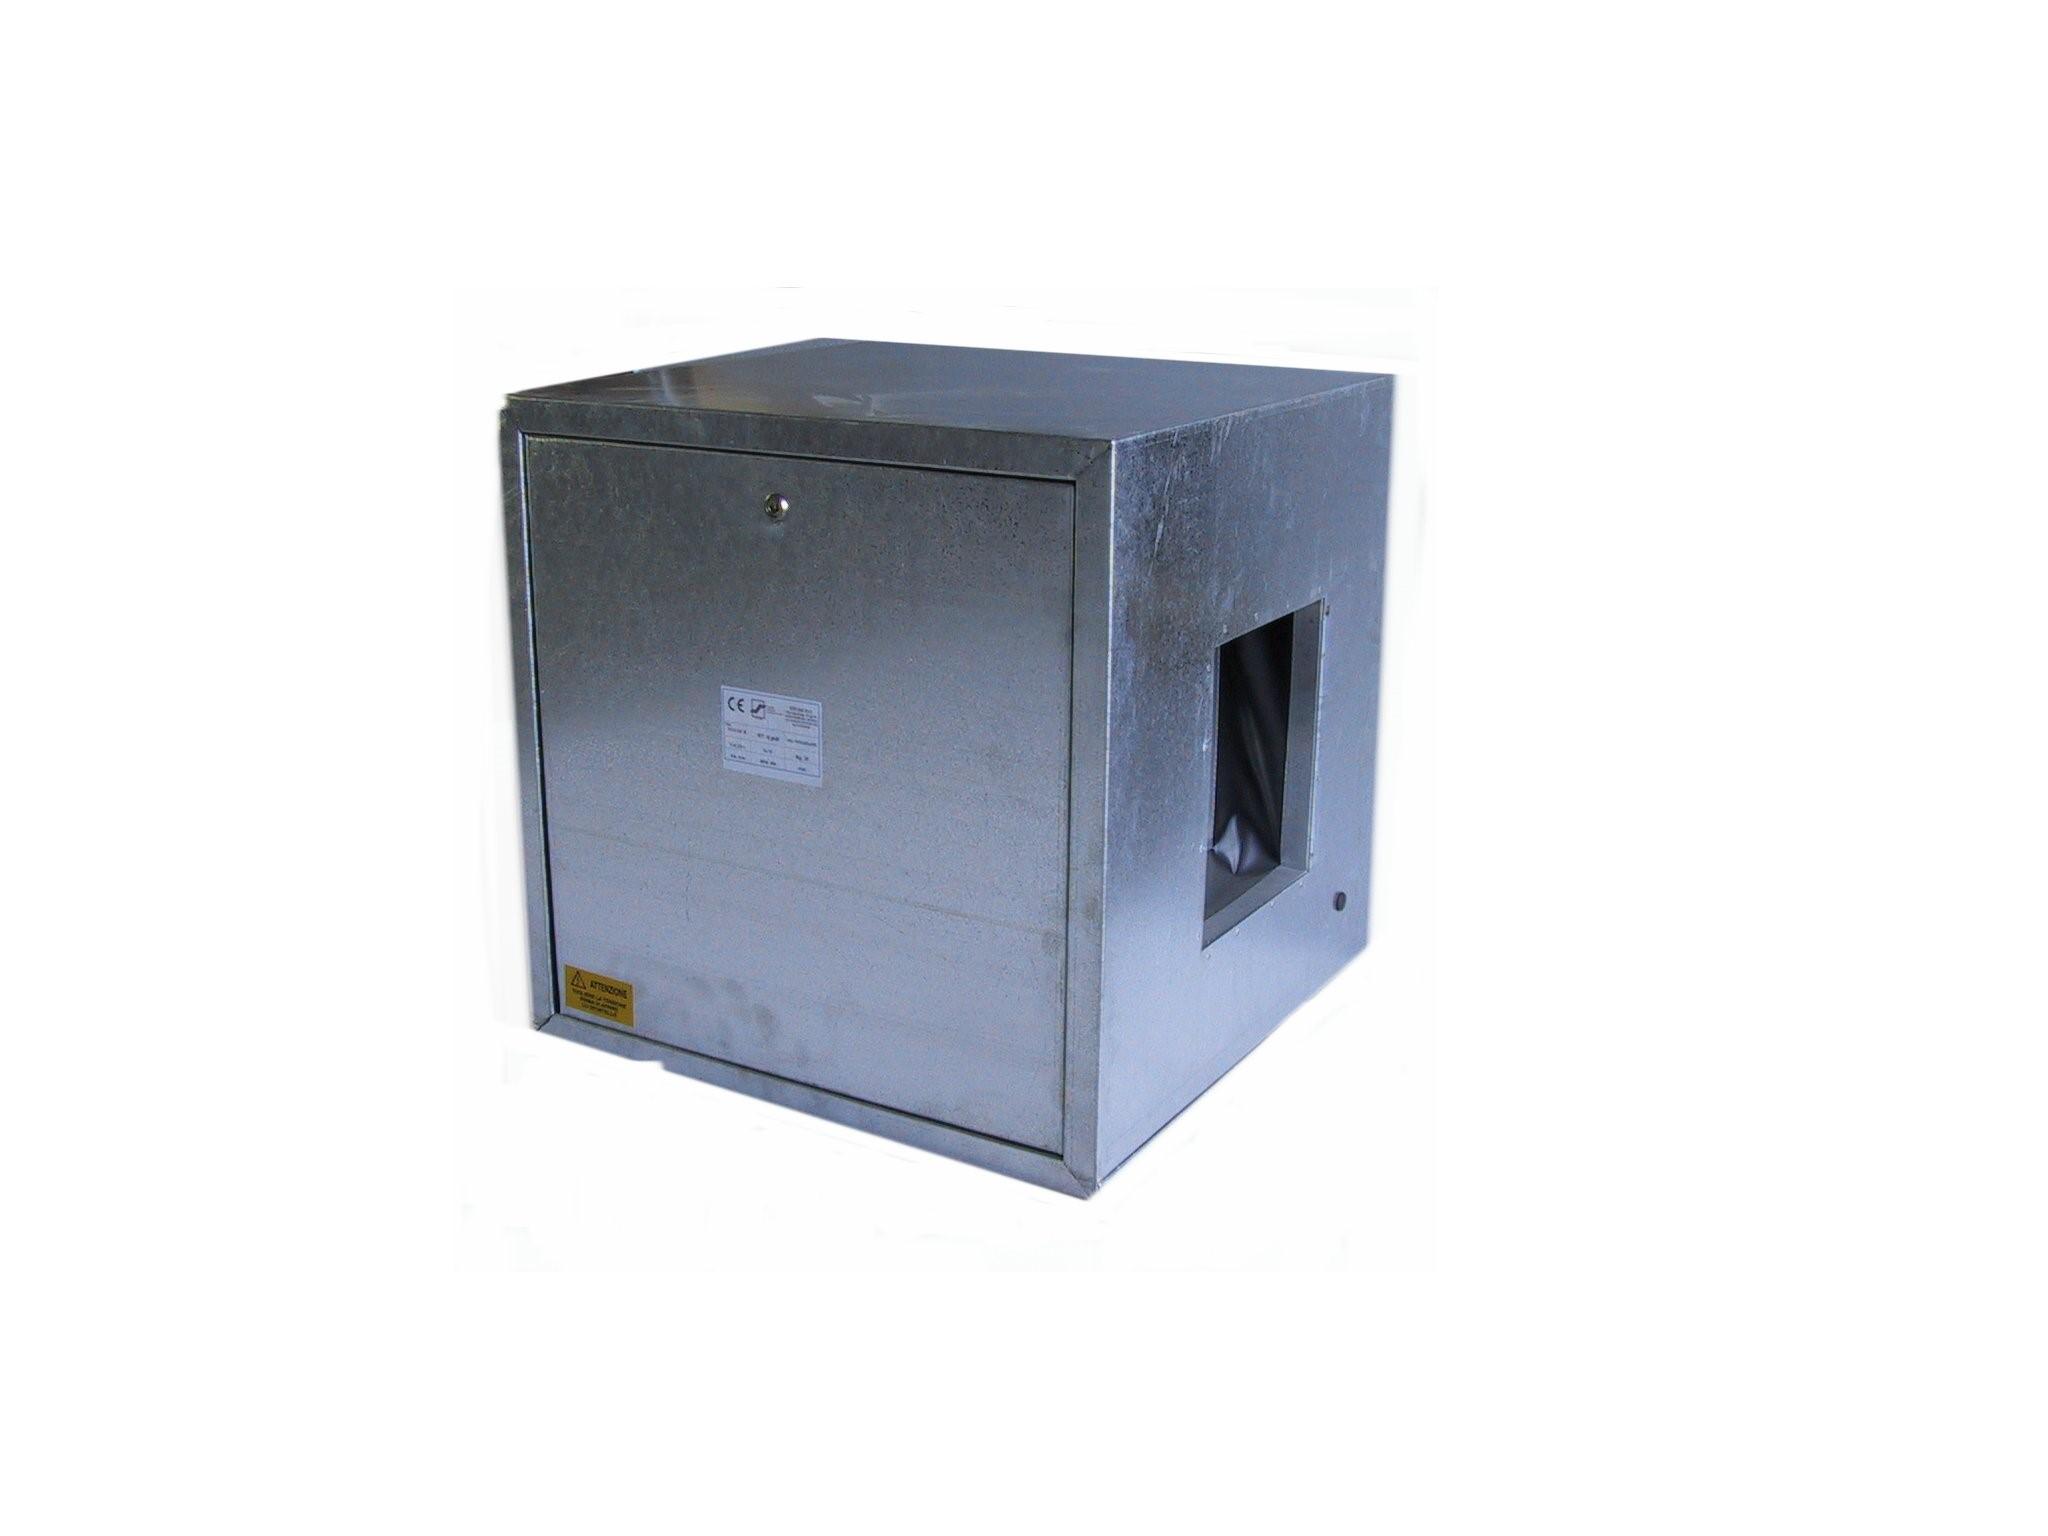 Ventilatore cassonato a semplice aspirazione con motore direttamente accoppiato 1,1 Kw 380 V grandezza 281